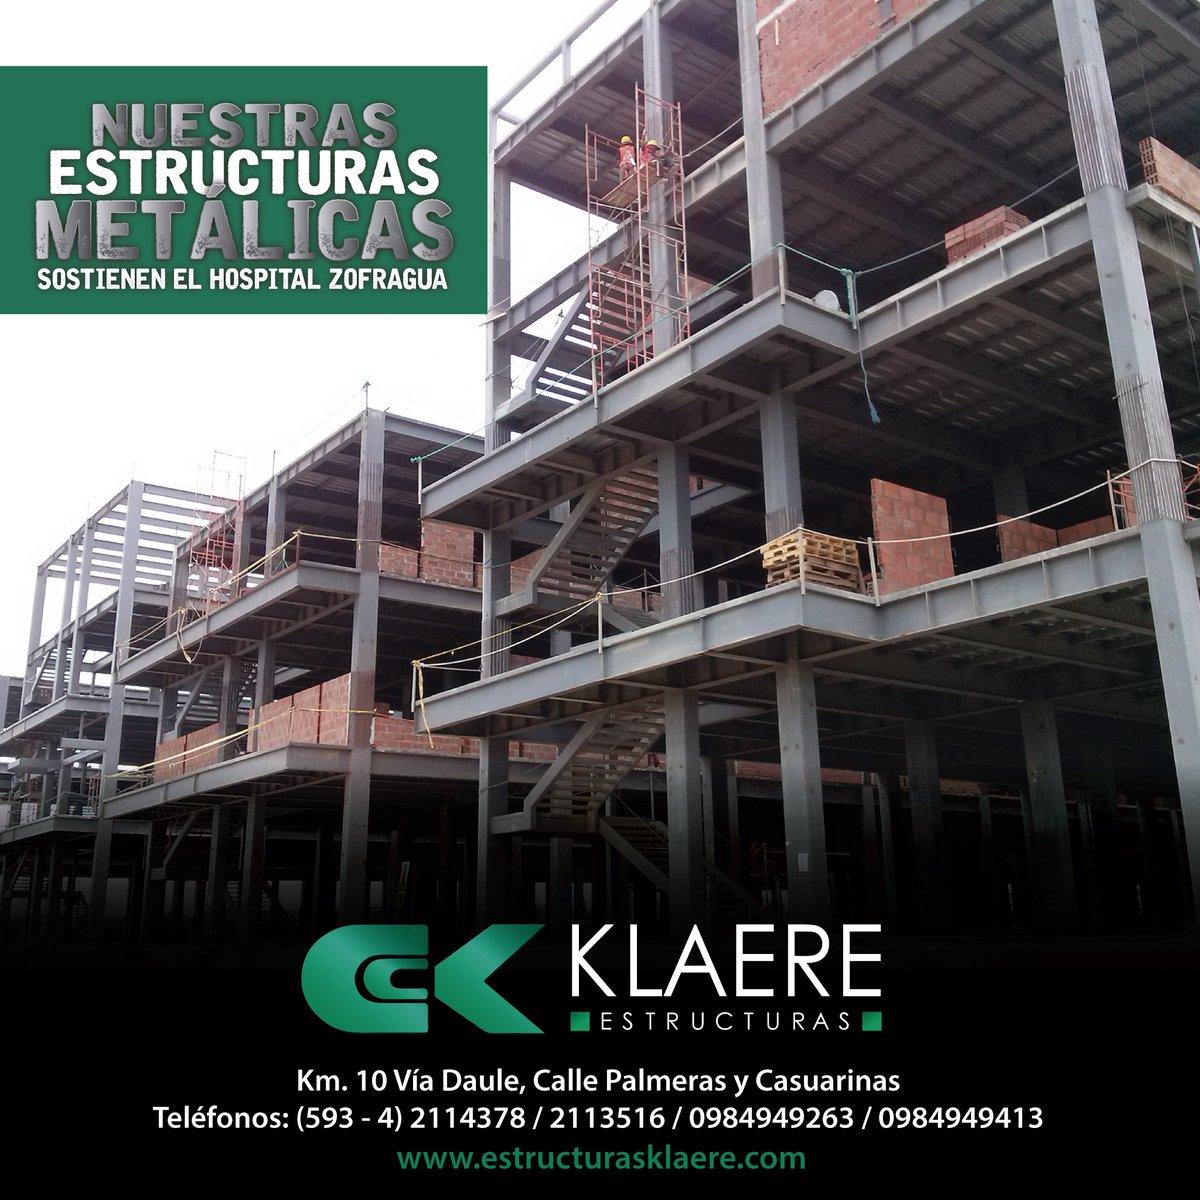 Klaere Estructuras On Twitter Nuestras Estructuras